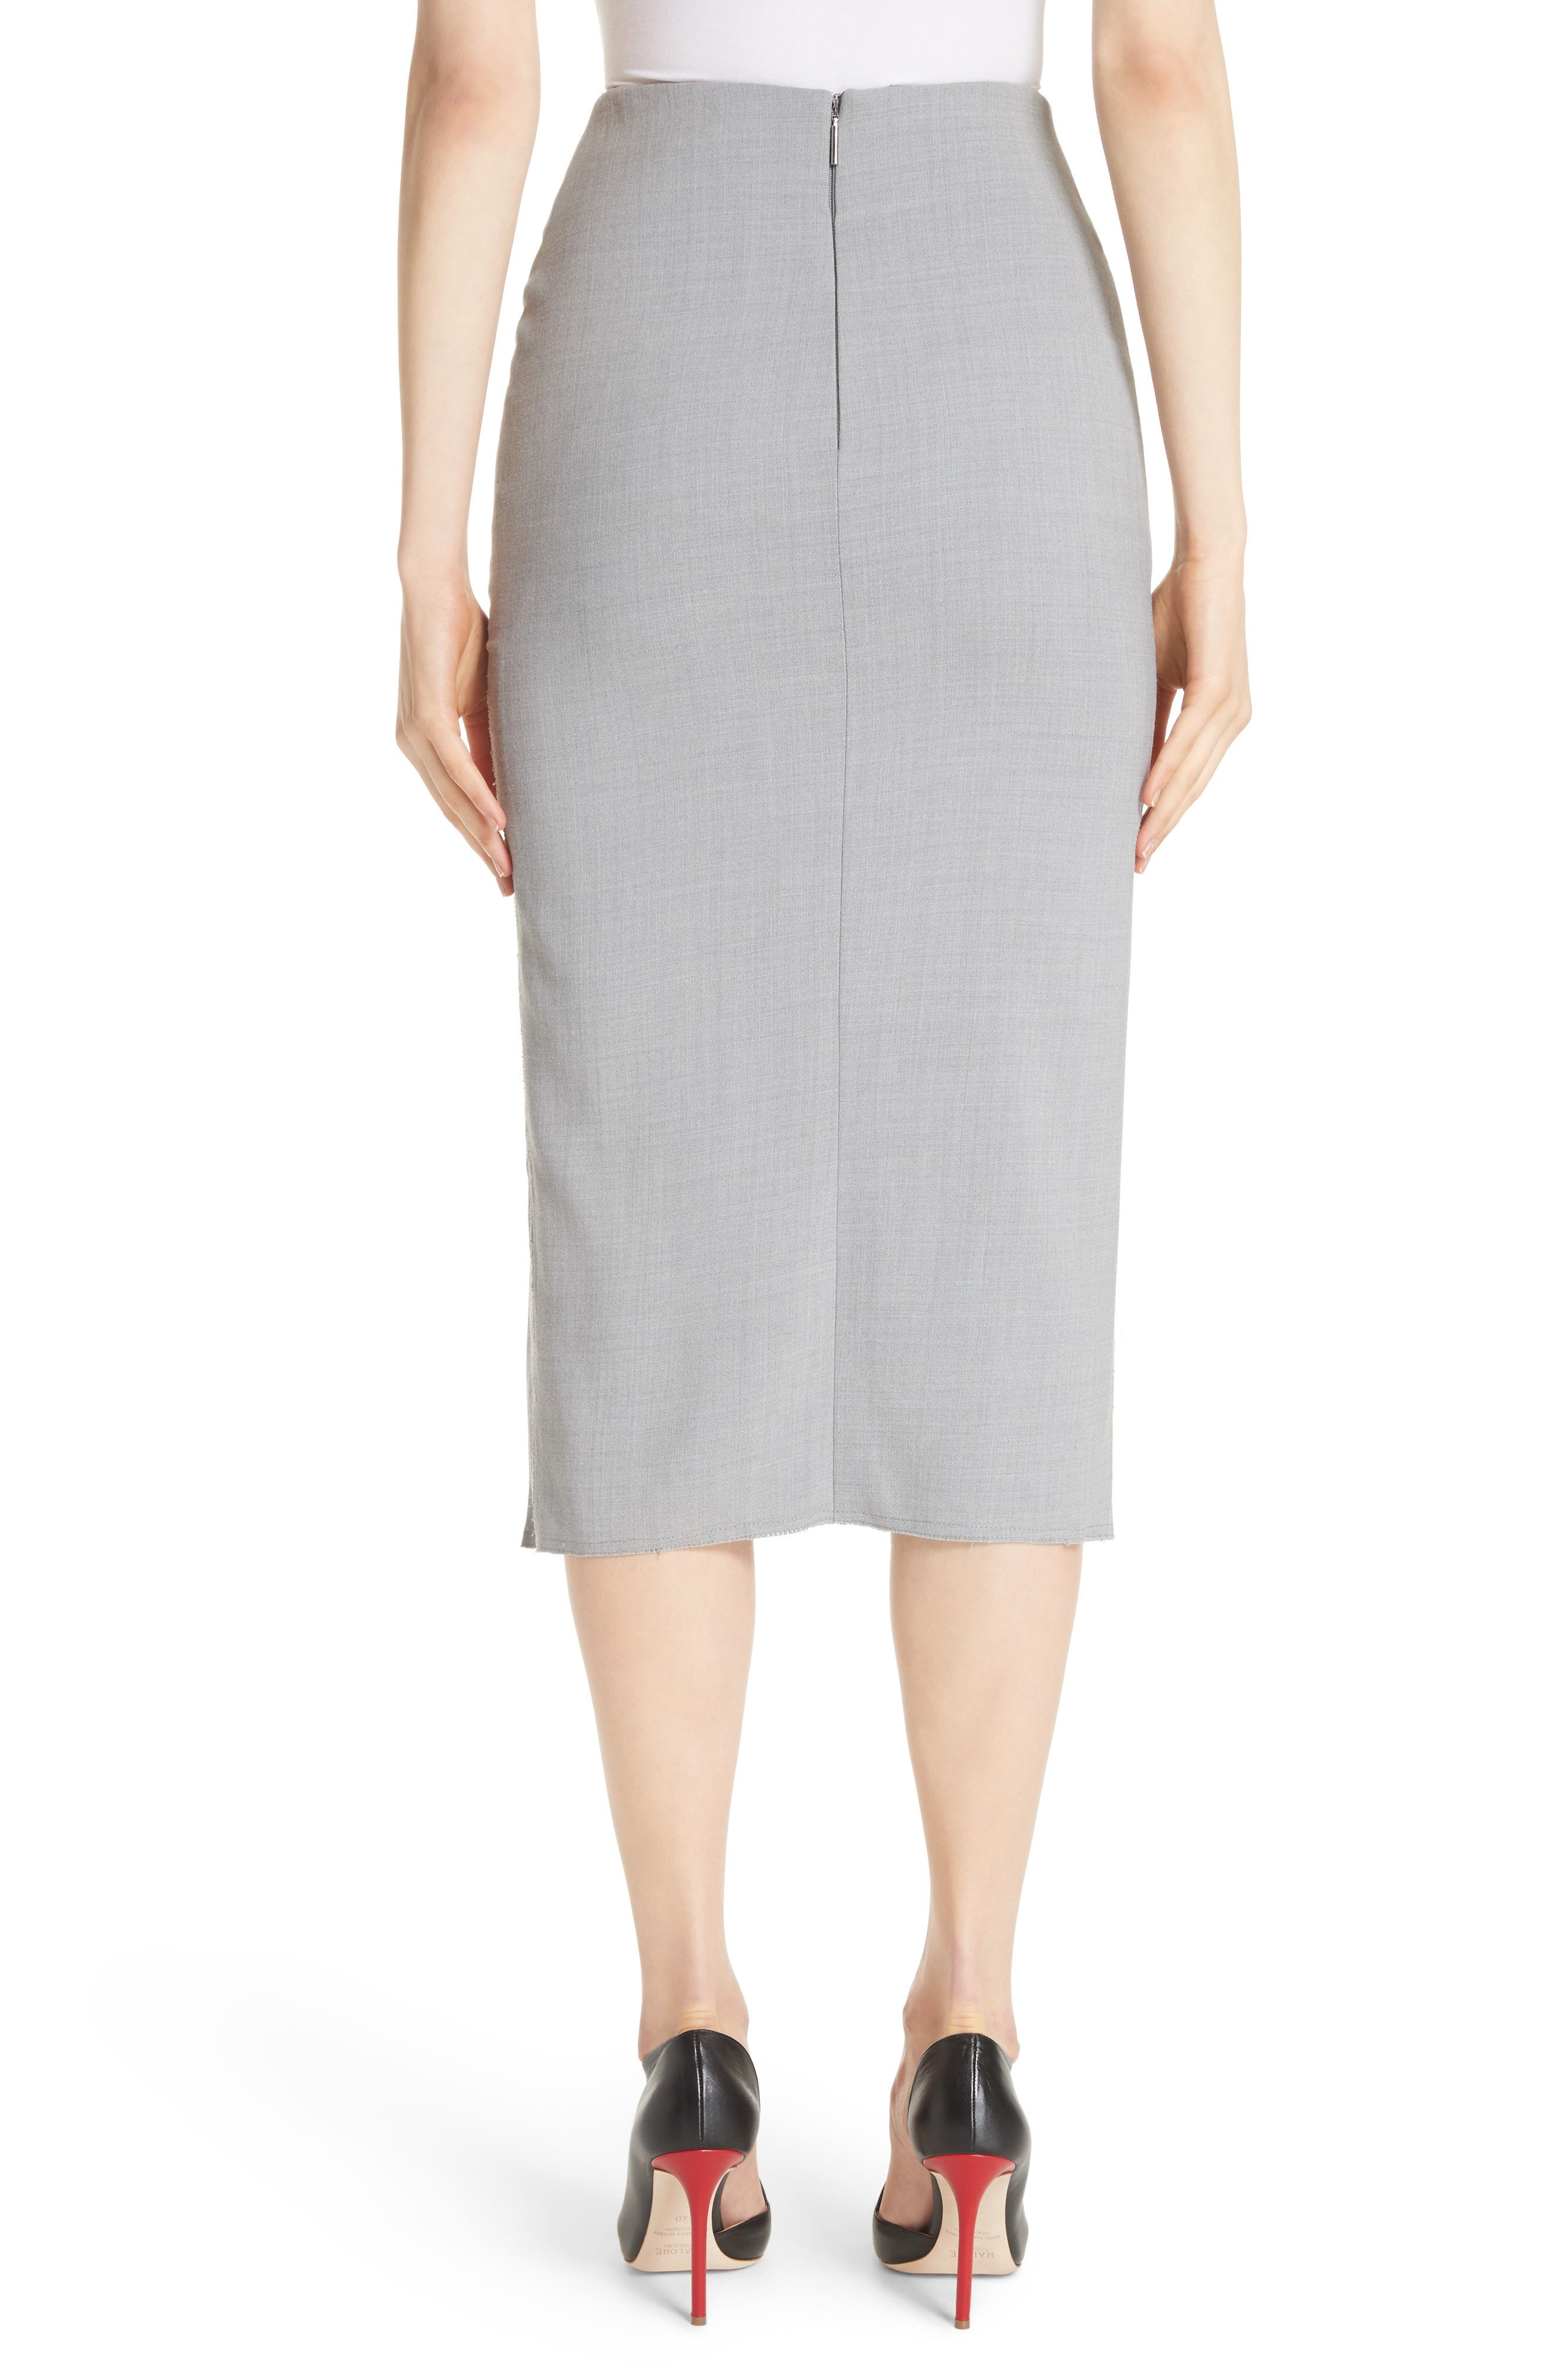 Raw Hem Tie Front Skirt,                             Alternate thumbnail 2, color,                             Light Grey Melange